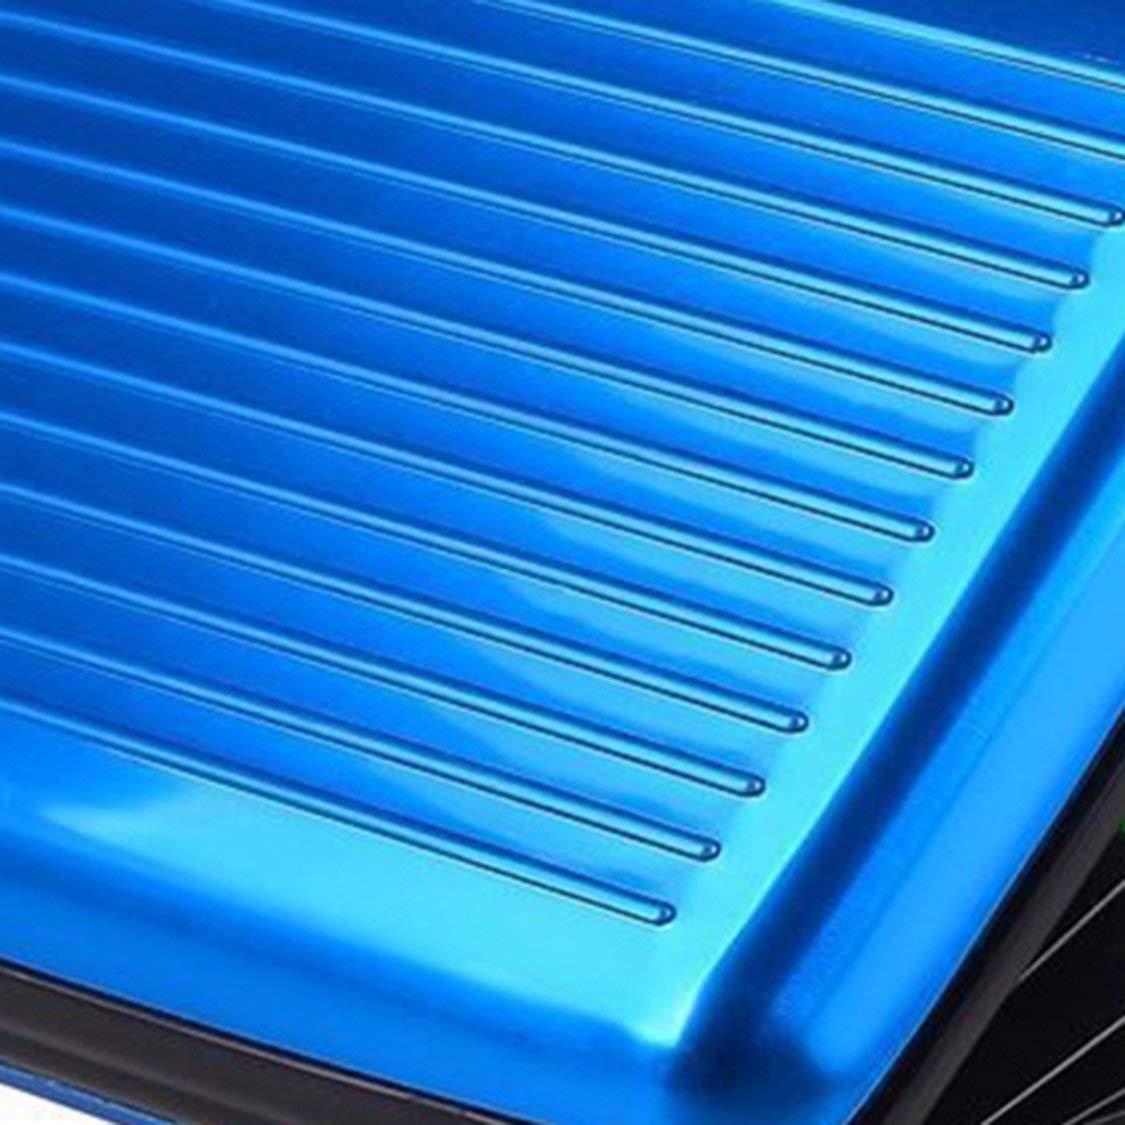 Bleu Alliage daluminium /étanche Hommes Femmes Titulaire de Cartes de Visite Carte de cr/édit Porte-Cartes didentit/é Unisexe Porte-Monnaie Bourse